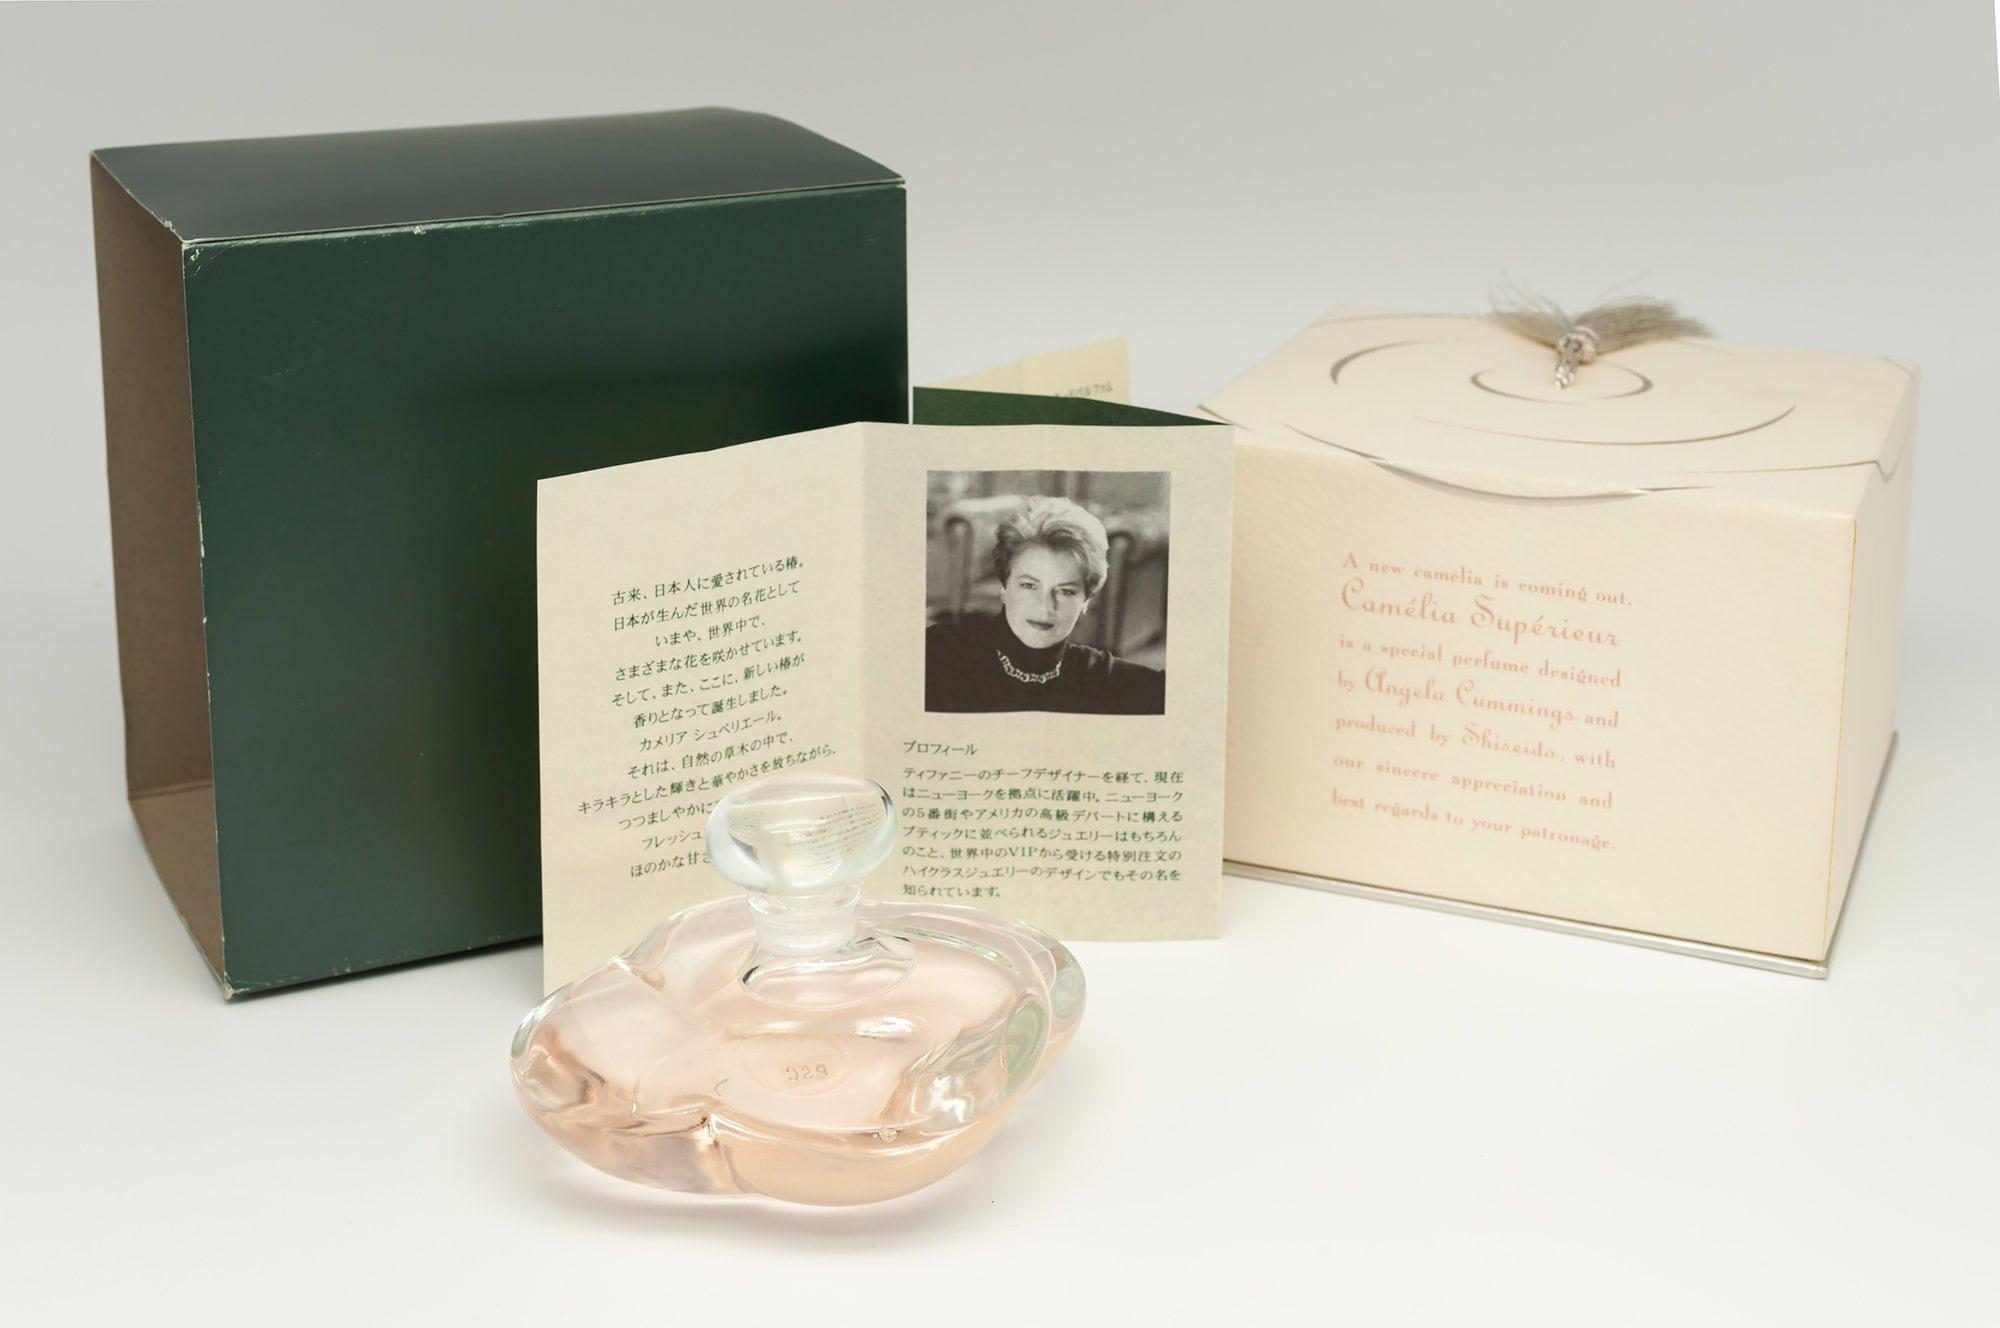 CAMELIA SUPERIEUR SHISEIDO Eau de Parfum Edp 40 ml vintage